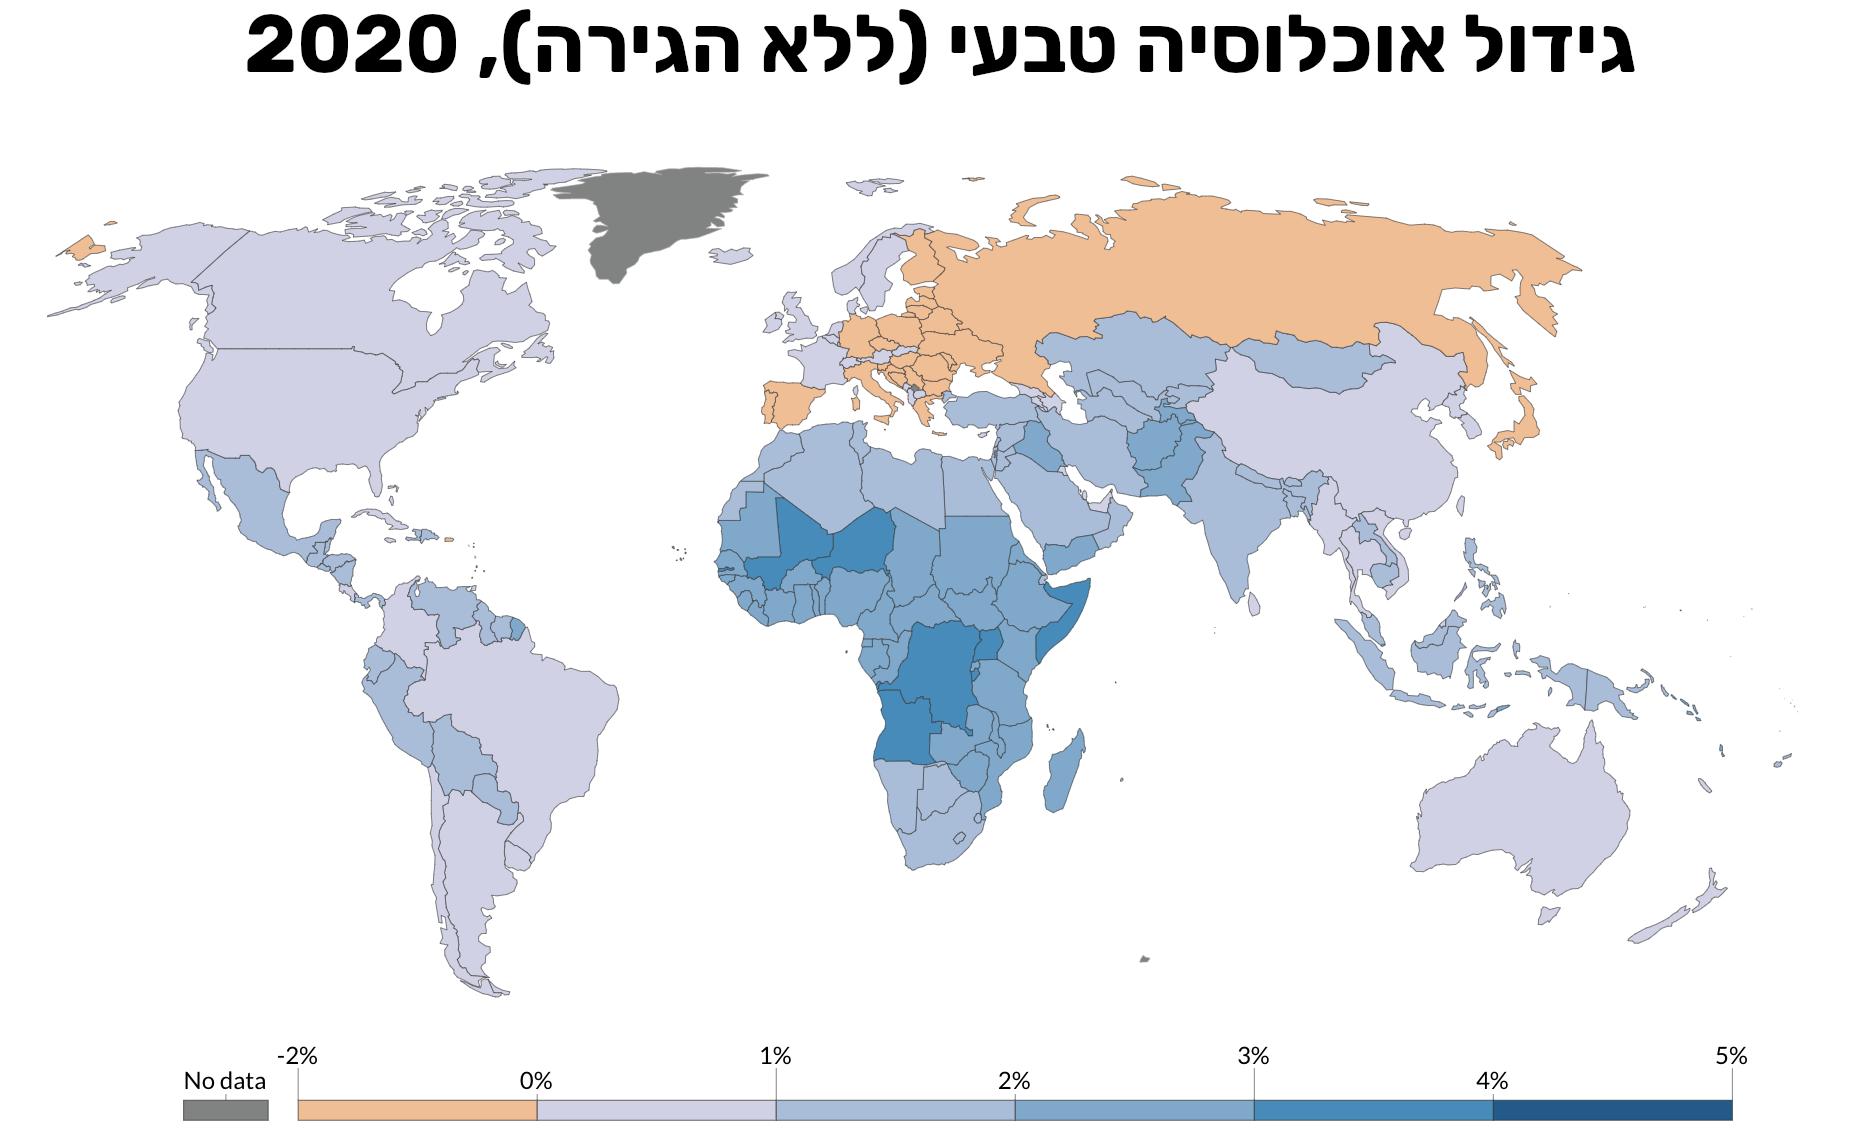 גידול אוכלוסיה טבעי בעולם 2020